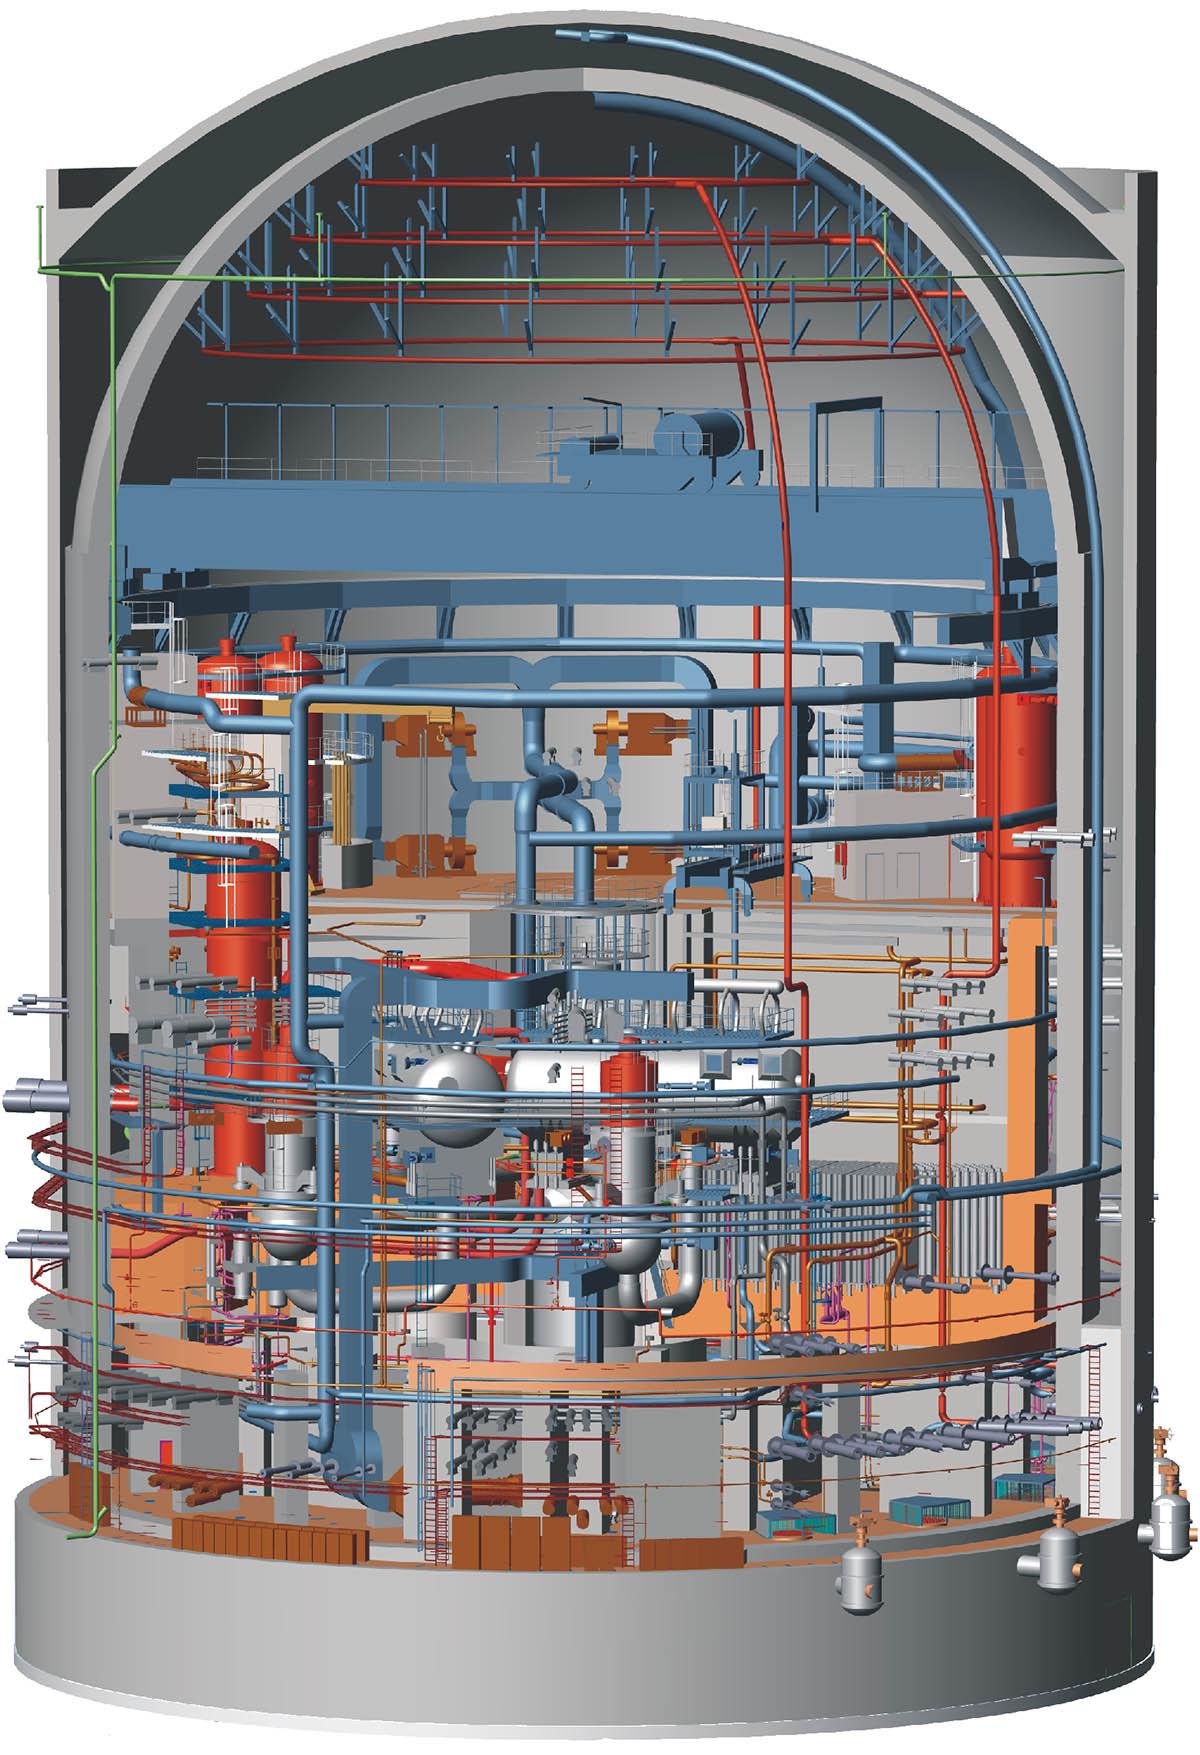 A Roszatomtól két AES- 2006-os, harmadik generációs reaktort készülünk venni. Ez a szovjet VVER reaktorok utóda. Ilyet építenek az ikerblokkos Leningrad II atomerőműben, ilyet kezdtek építeni a szintén ikerblokkos kalinyingrádi erőműben is, valamint ilyet kap Törökország, Fehéroroszország és Finnország is.